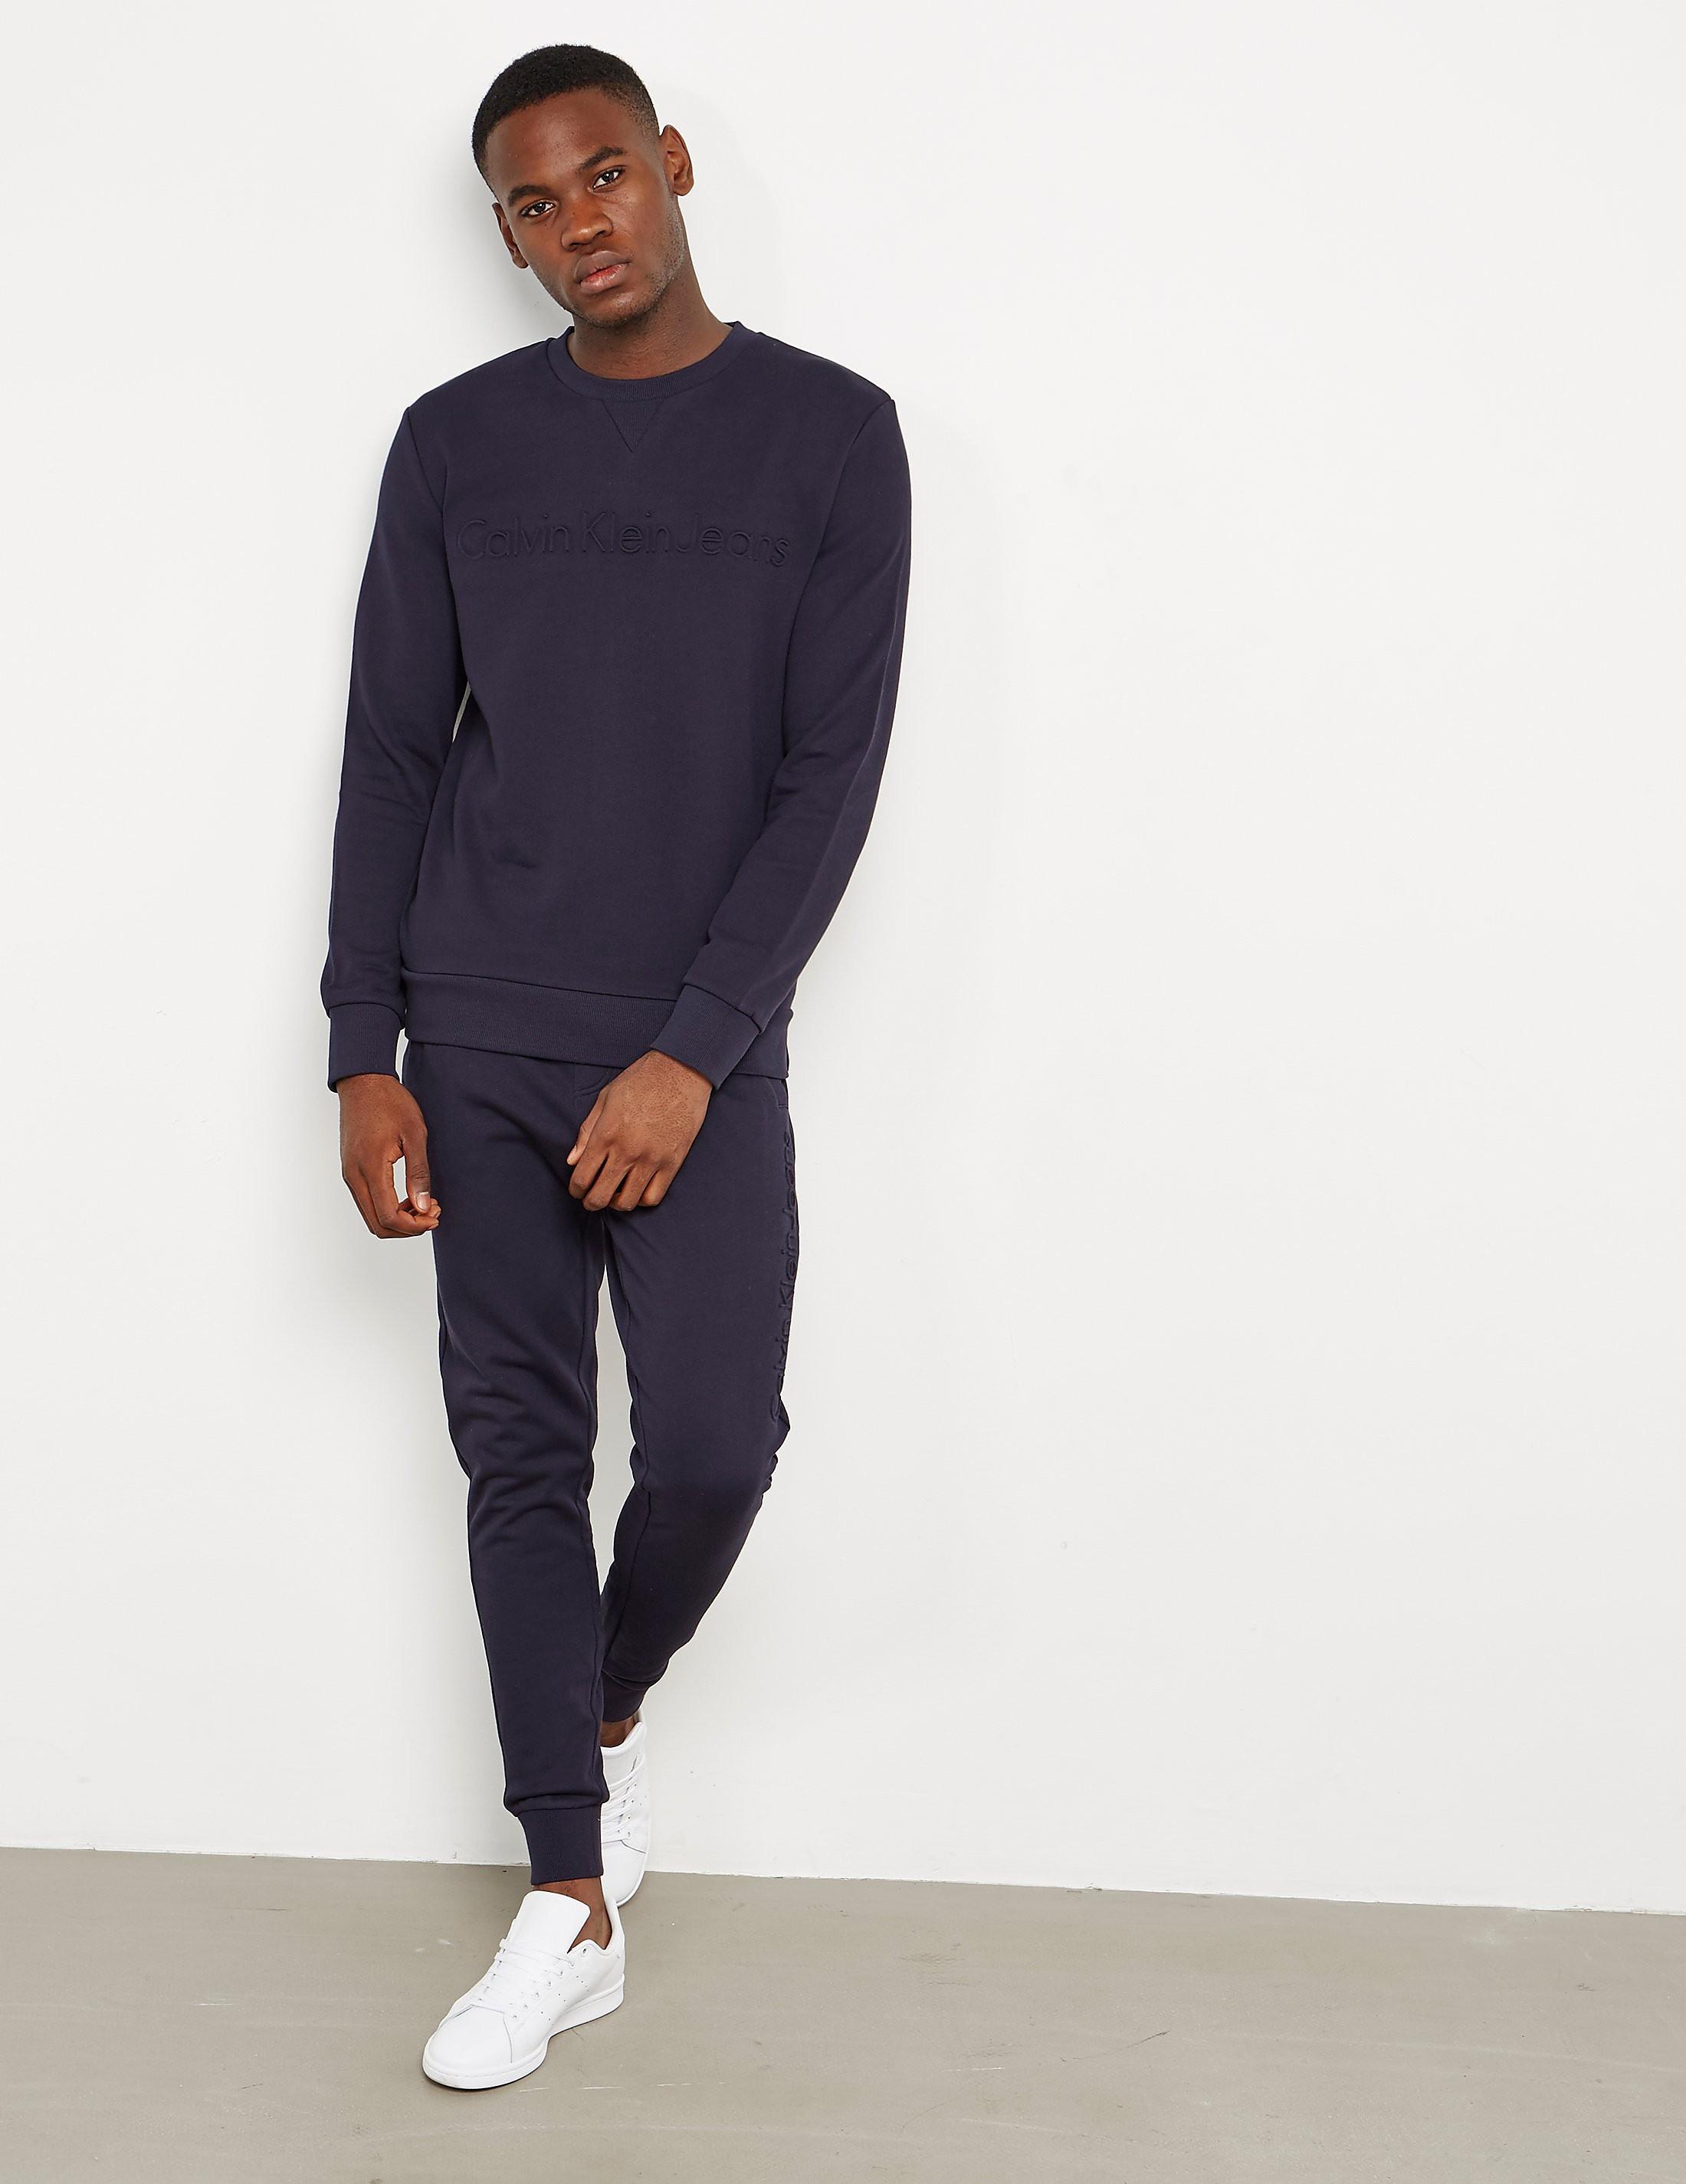 Calvin Klein Haero Sweatshirt